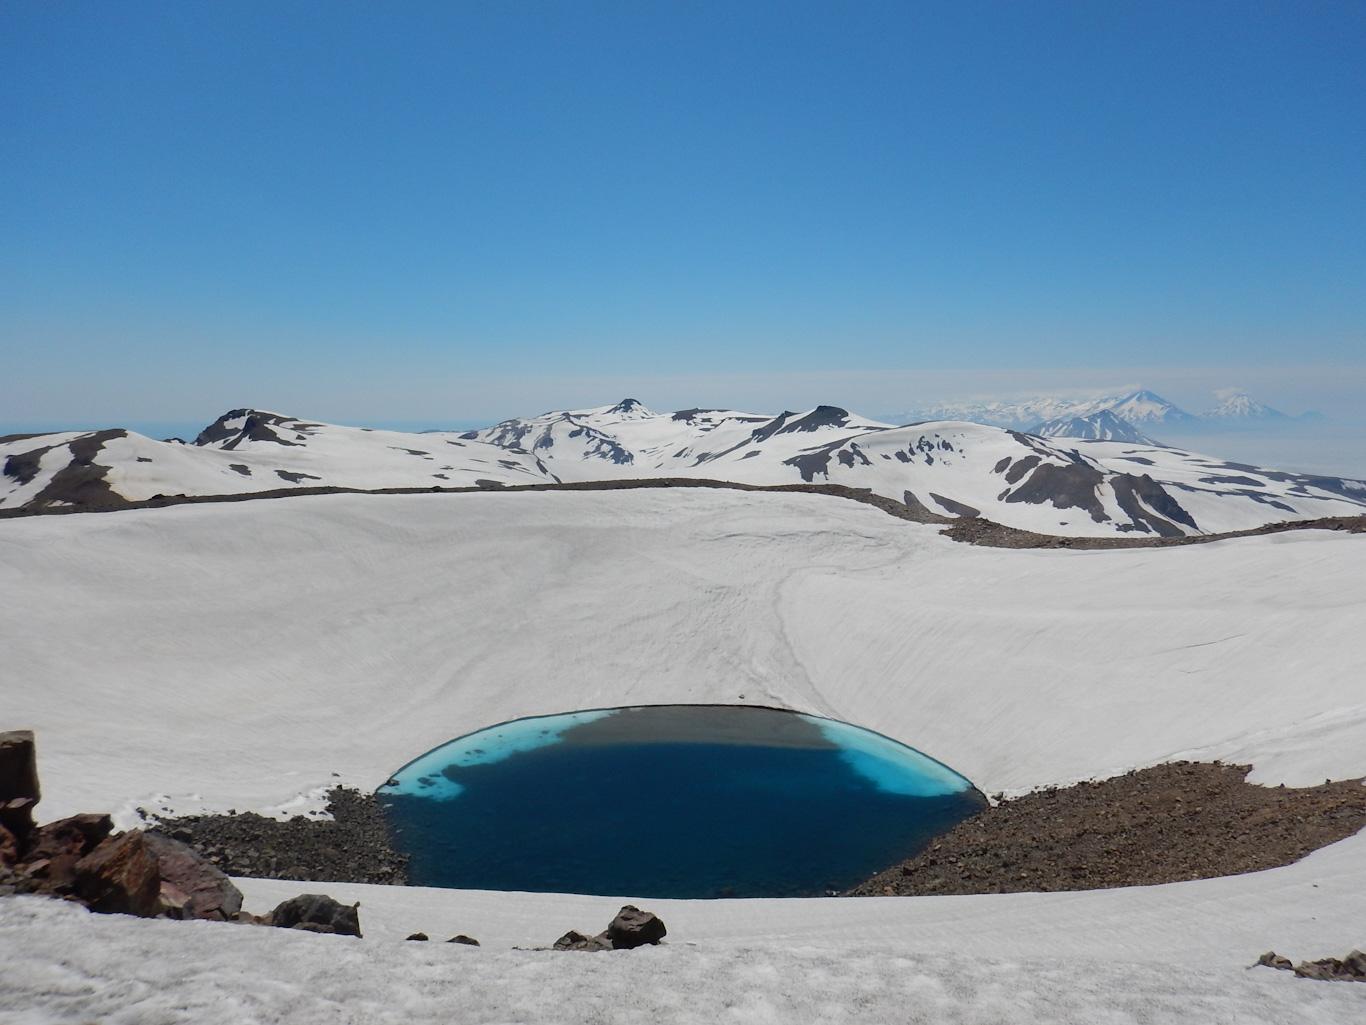 Озеро в кратере вулкана Козыревкого. Парамушир